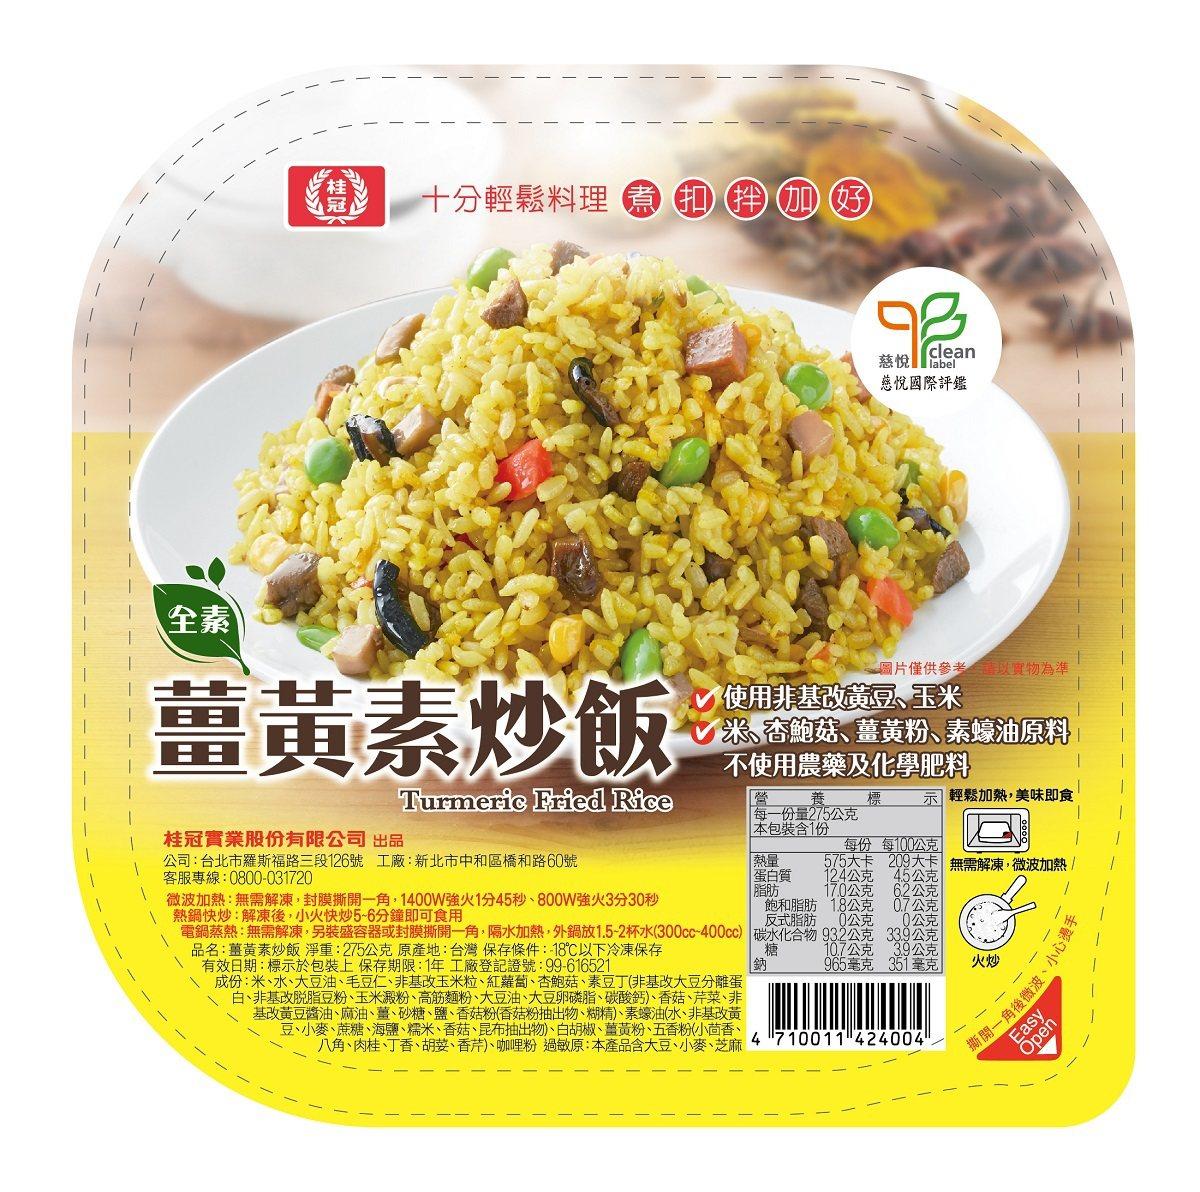 7-ELEVEN推出「桂冠薑黃素炒飯」(全素),售價79元。圖/7-ELEVEN...